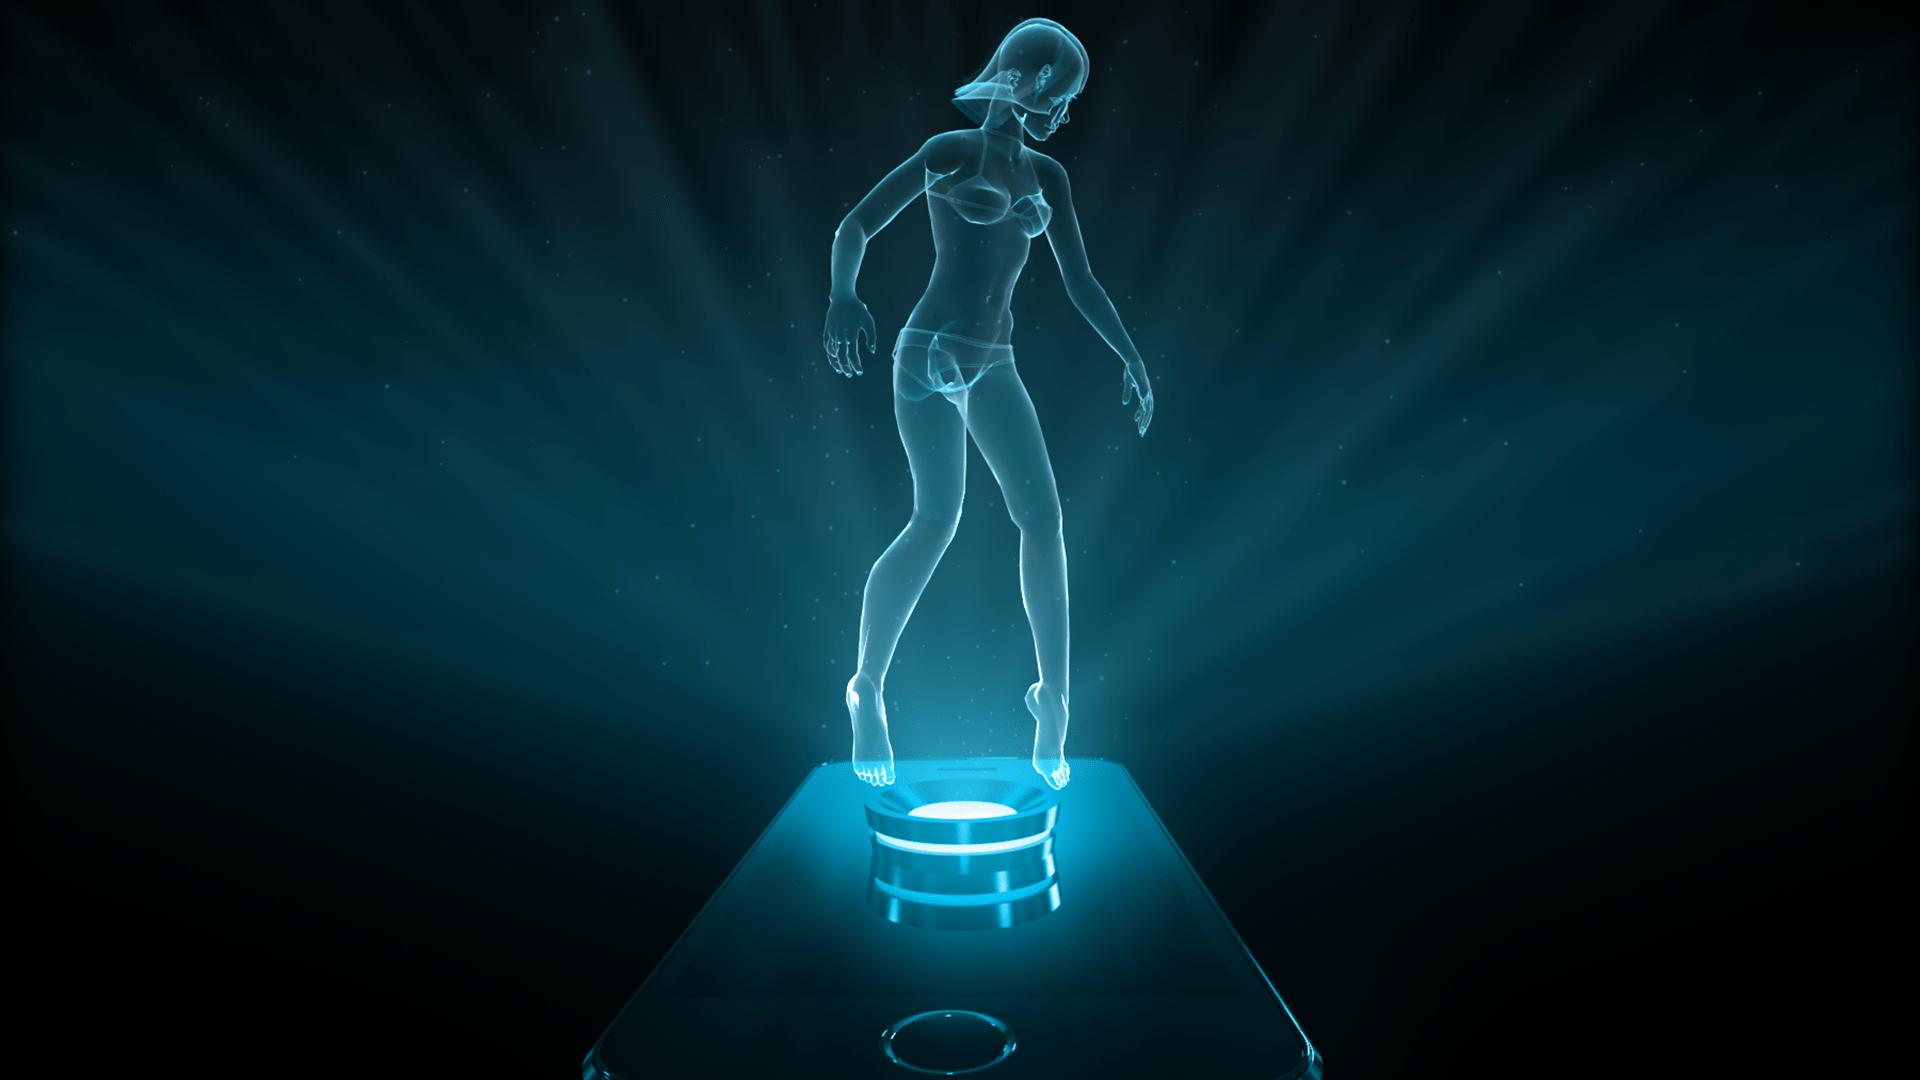 Hình ảnh ba chiều - Hướng dẫn làm Hologram